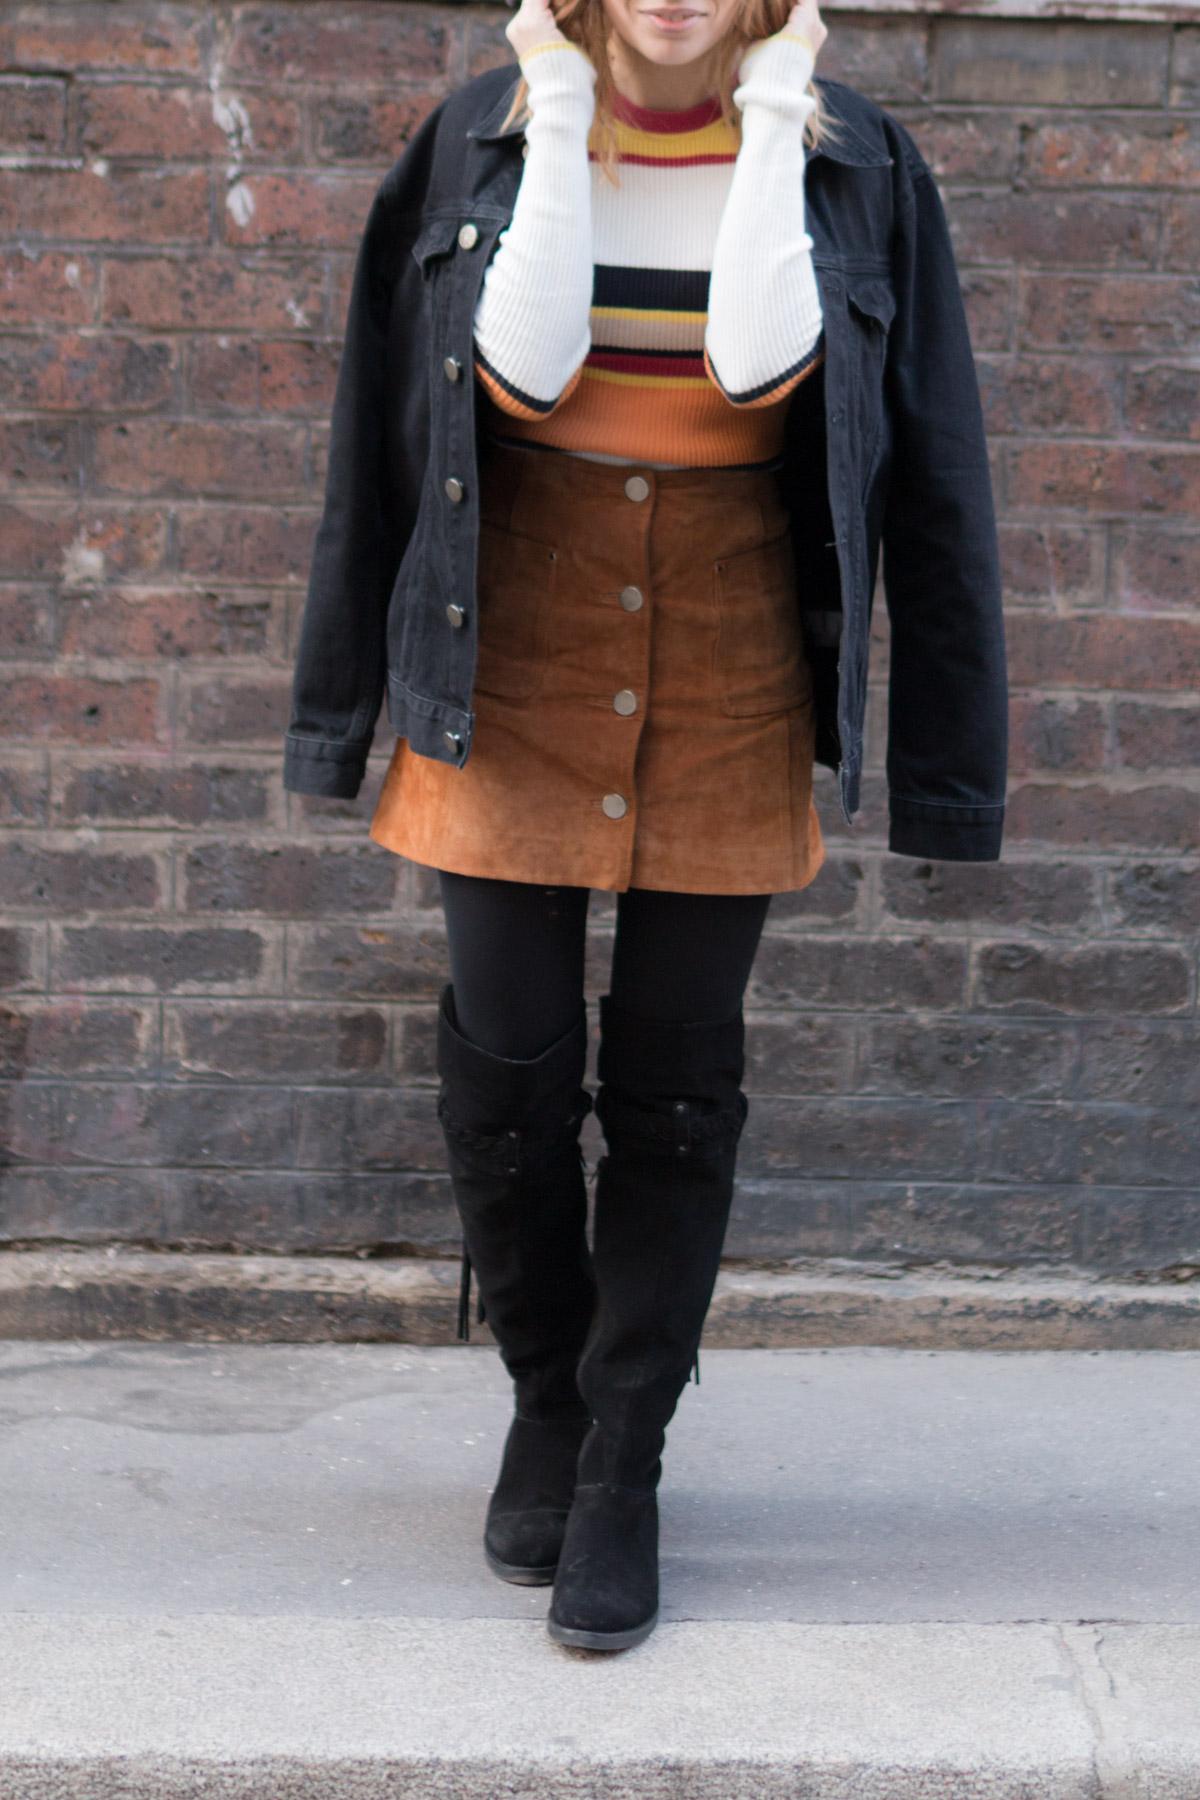 cuissarde et veste en jean I Sp4nkblog_-2